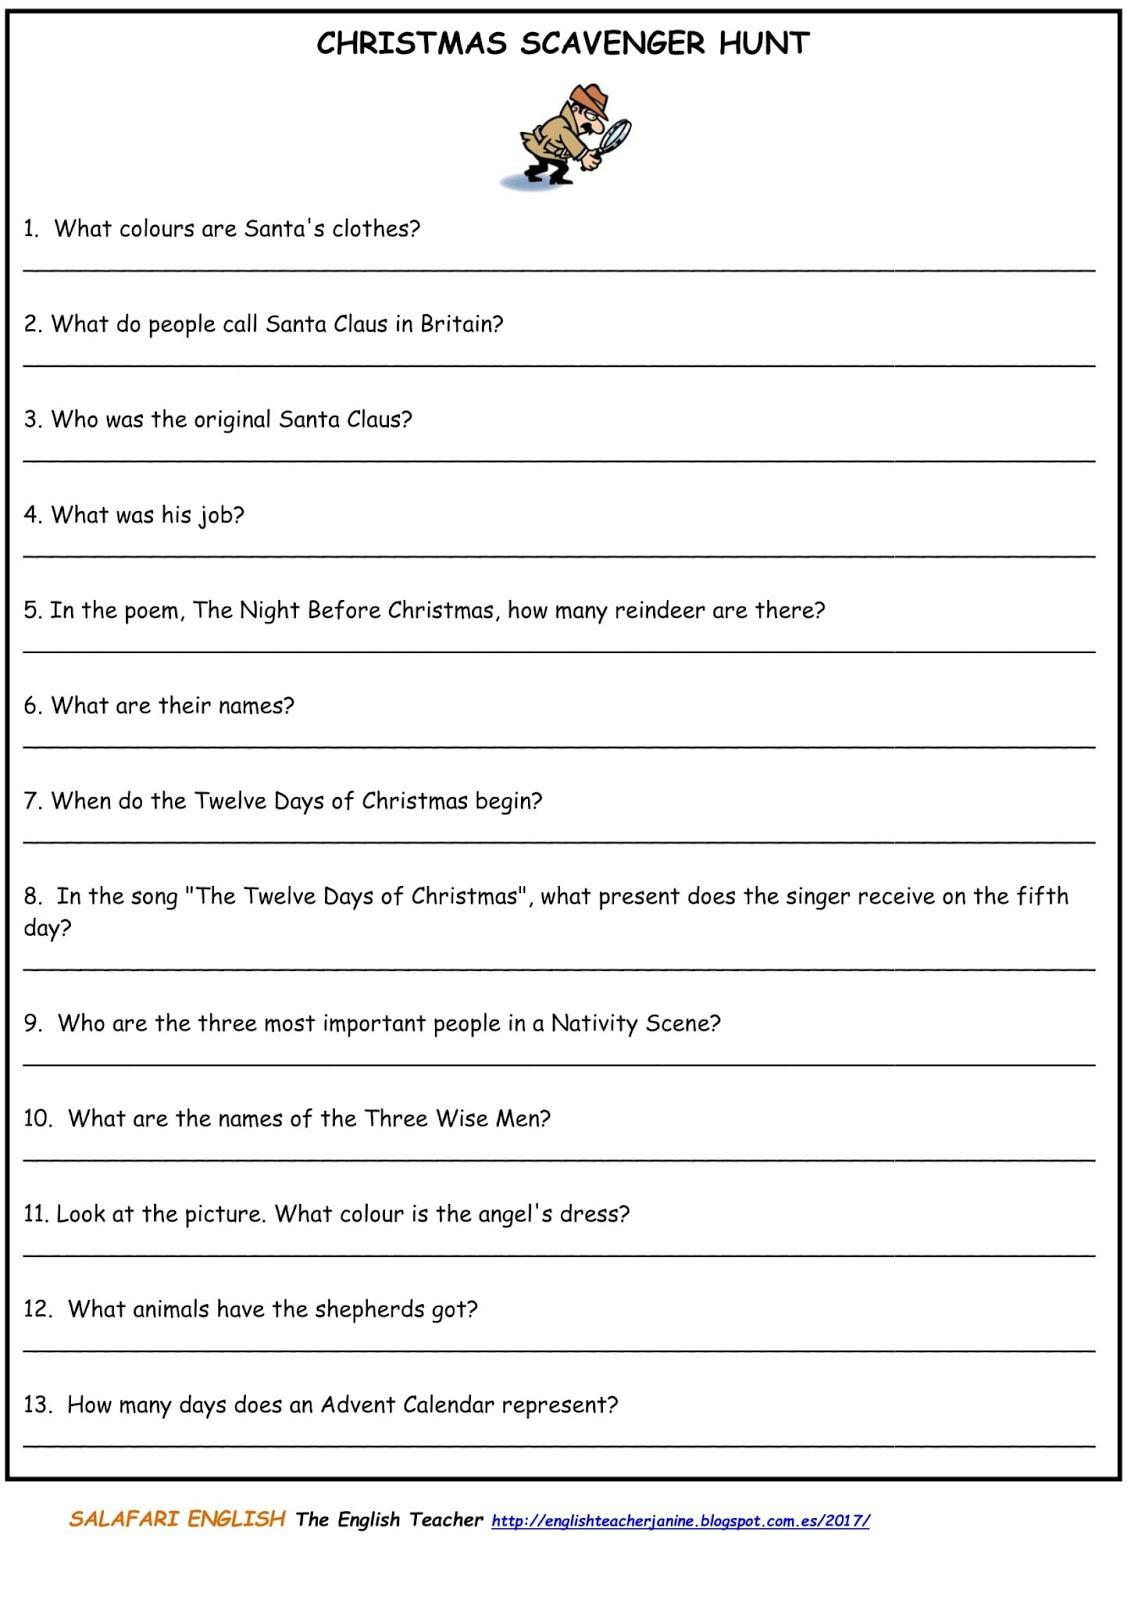 The English Teacher: diciembre 2017